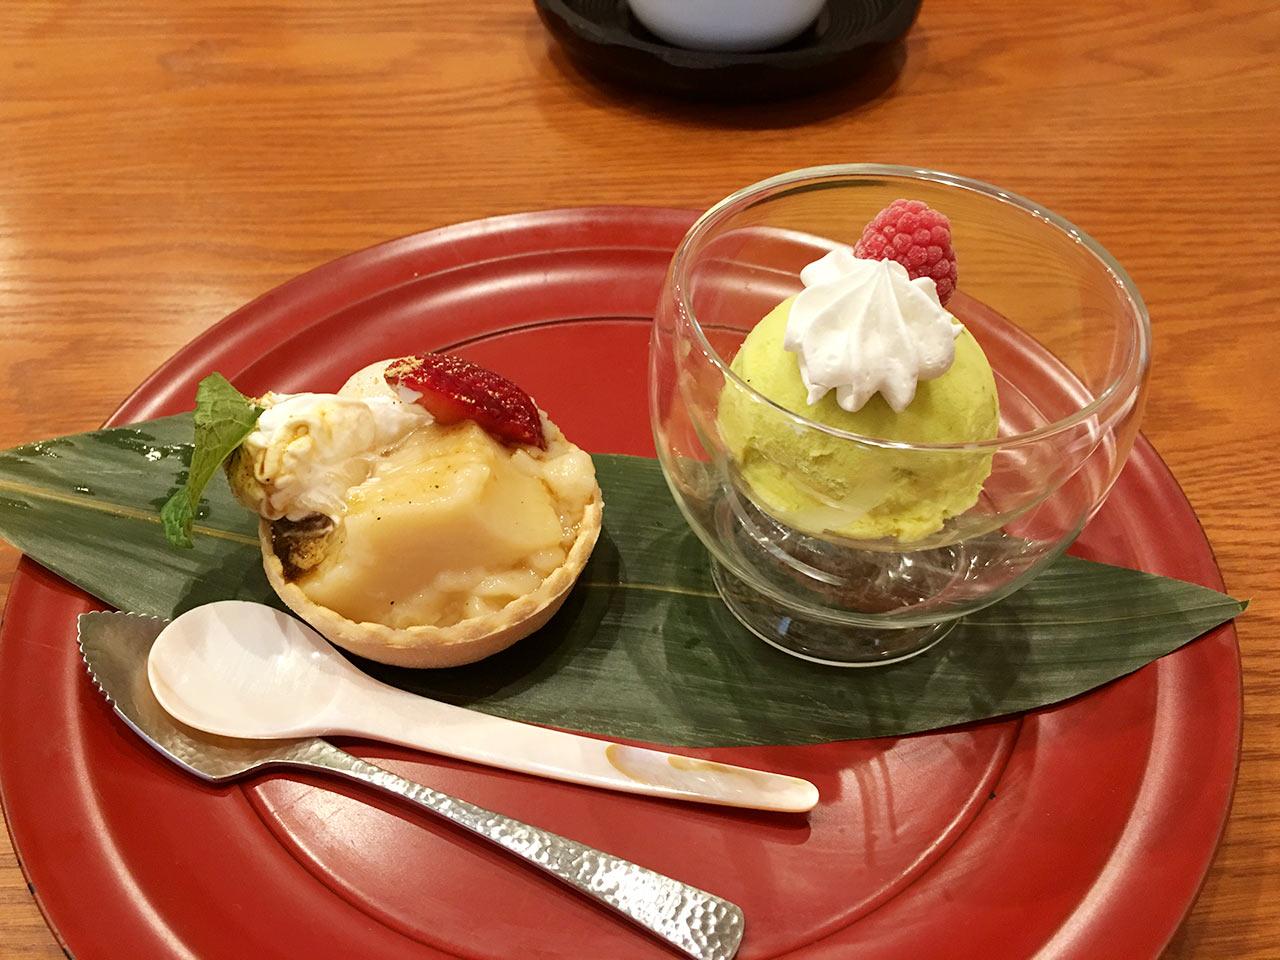 天ぷら割烹うさぎのデザート